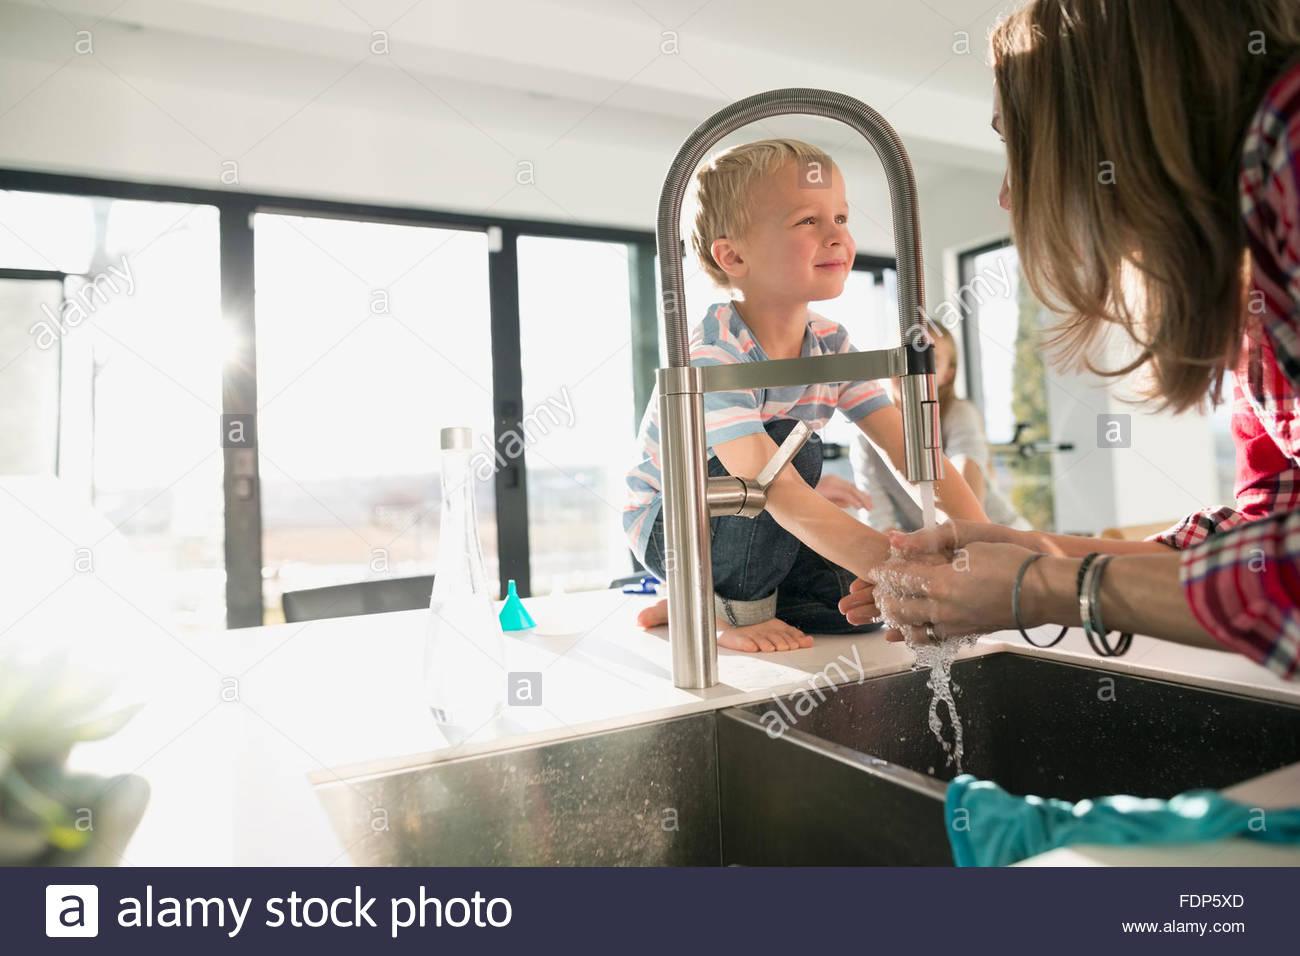 Madre lavarse las manos en el lavabo de la cocina Imagen De Stock